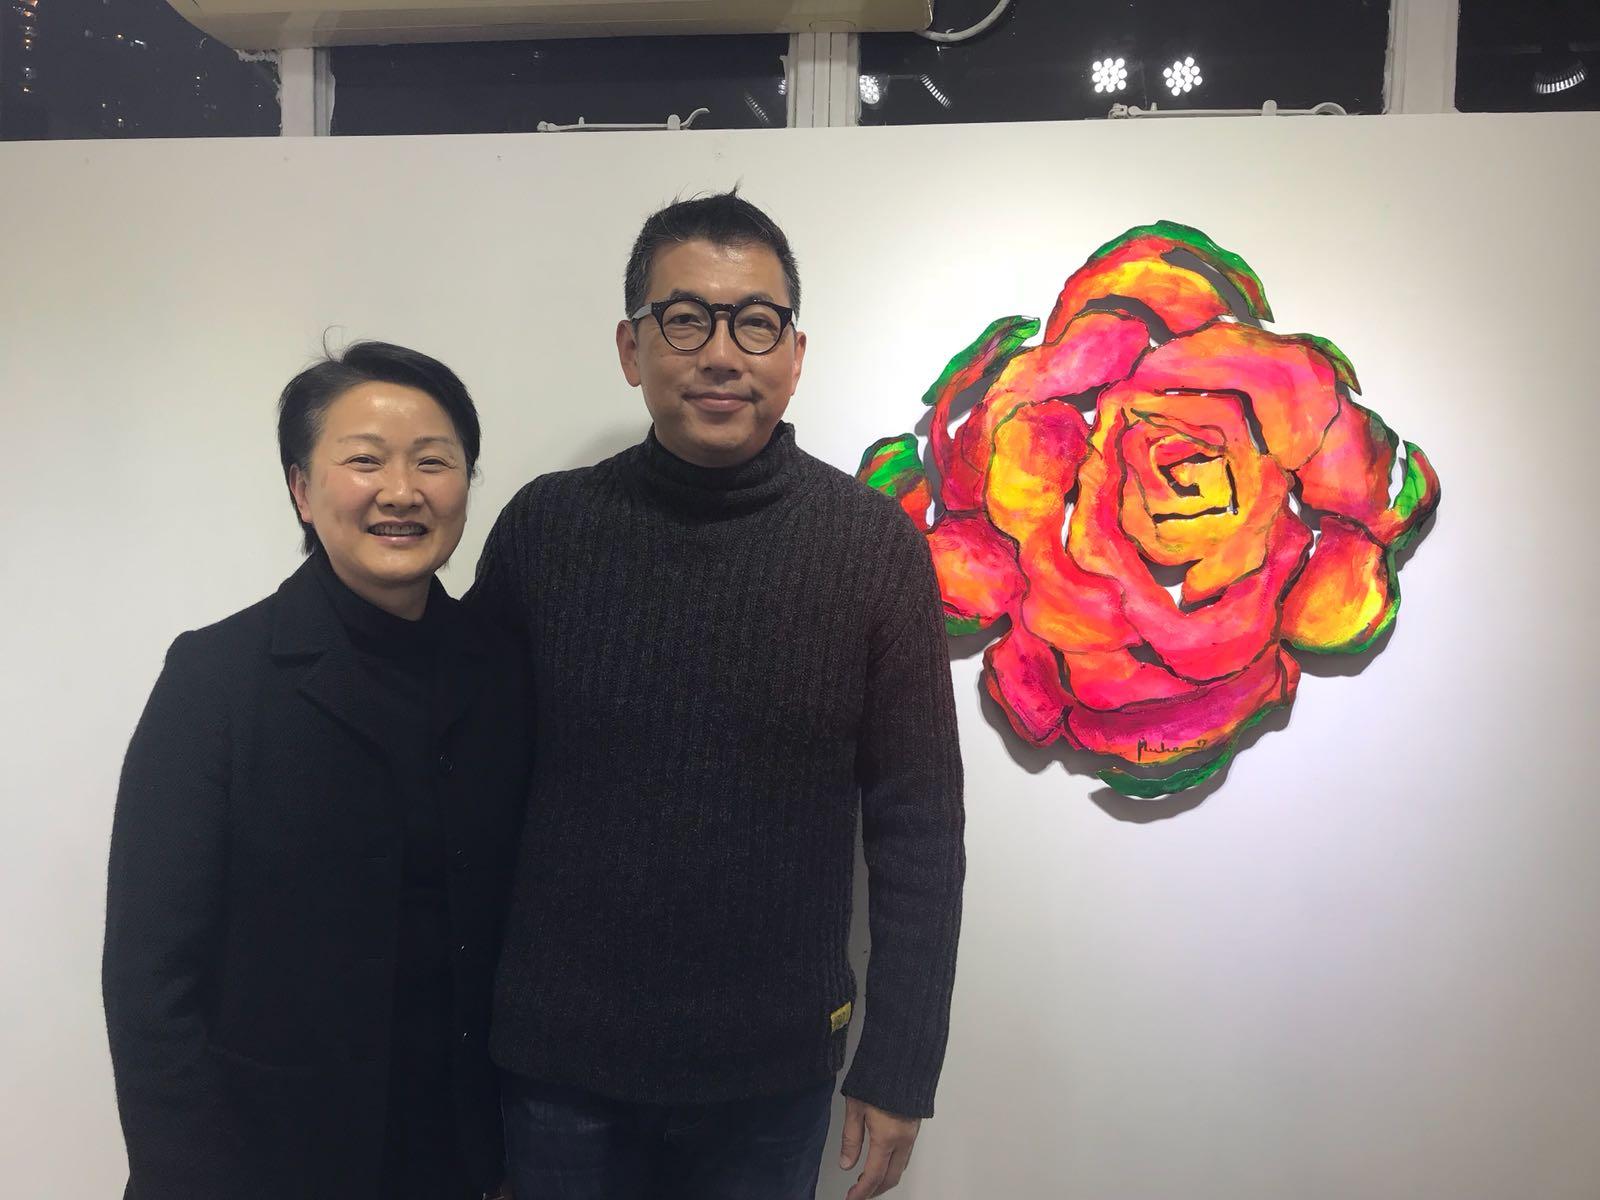 06ef6684 07b3 43ee 903f 25eacd2963d4 1 Solo Exhibition Hong Kong Galería Koo.